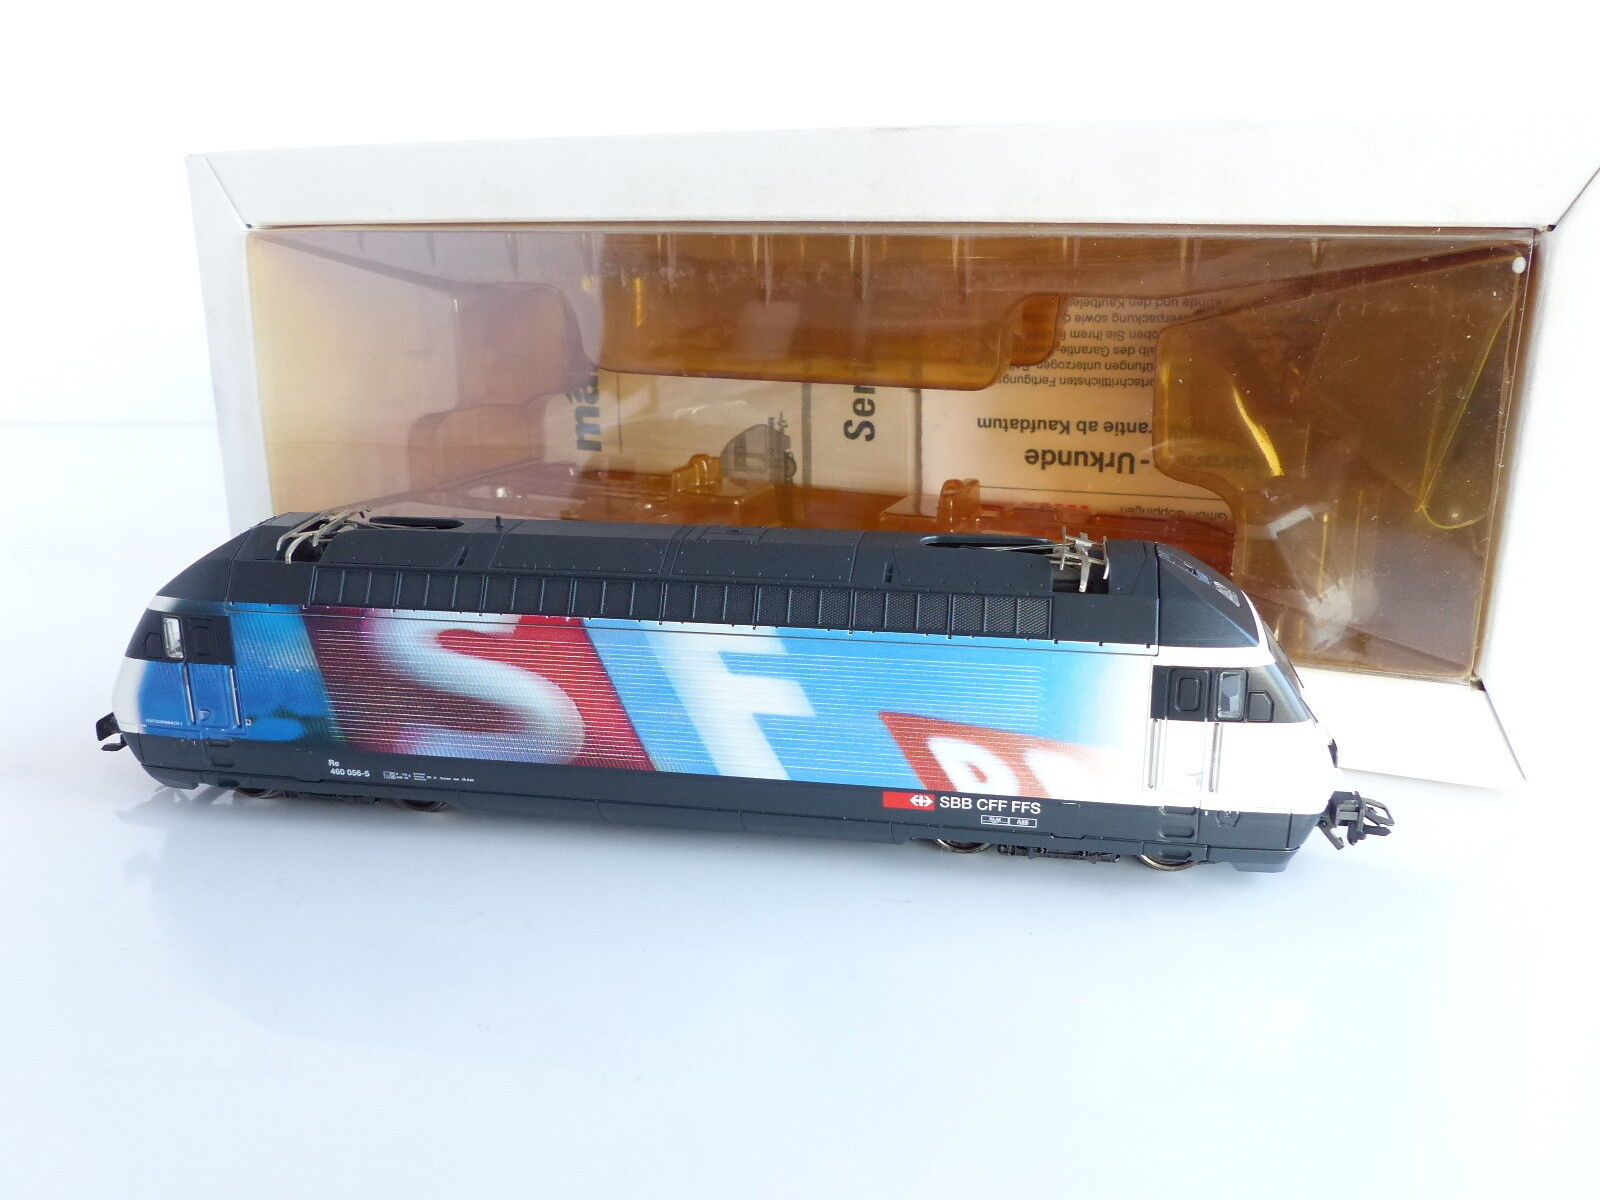 Marklin electric locomotive serie 460 schweizer Fernsehen sbb cff ffs